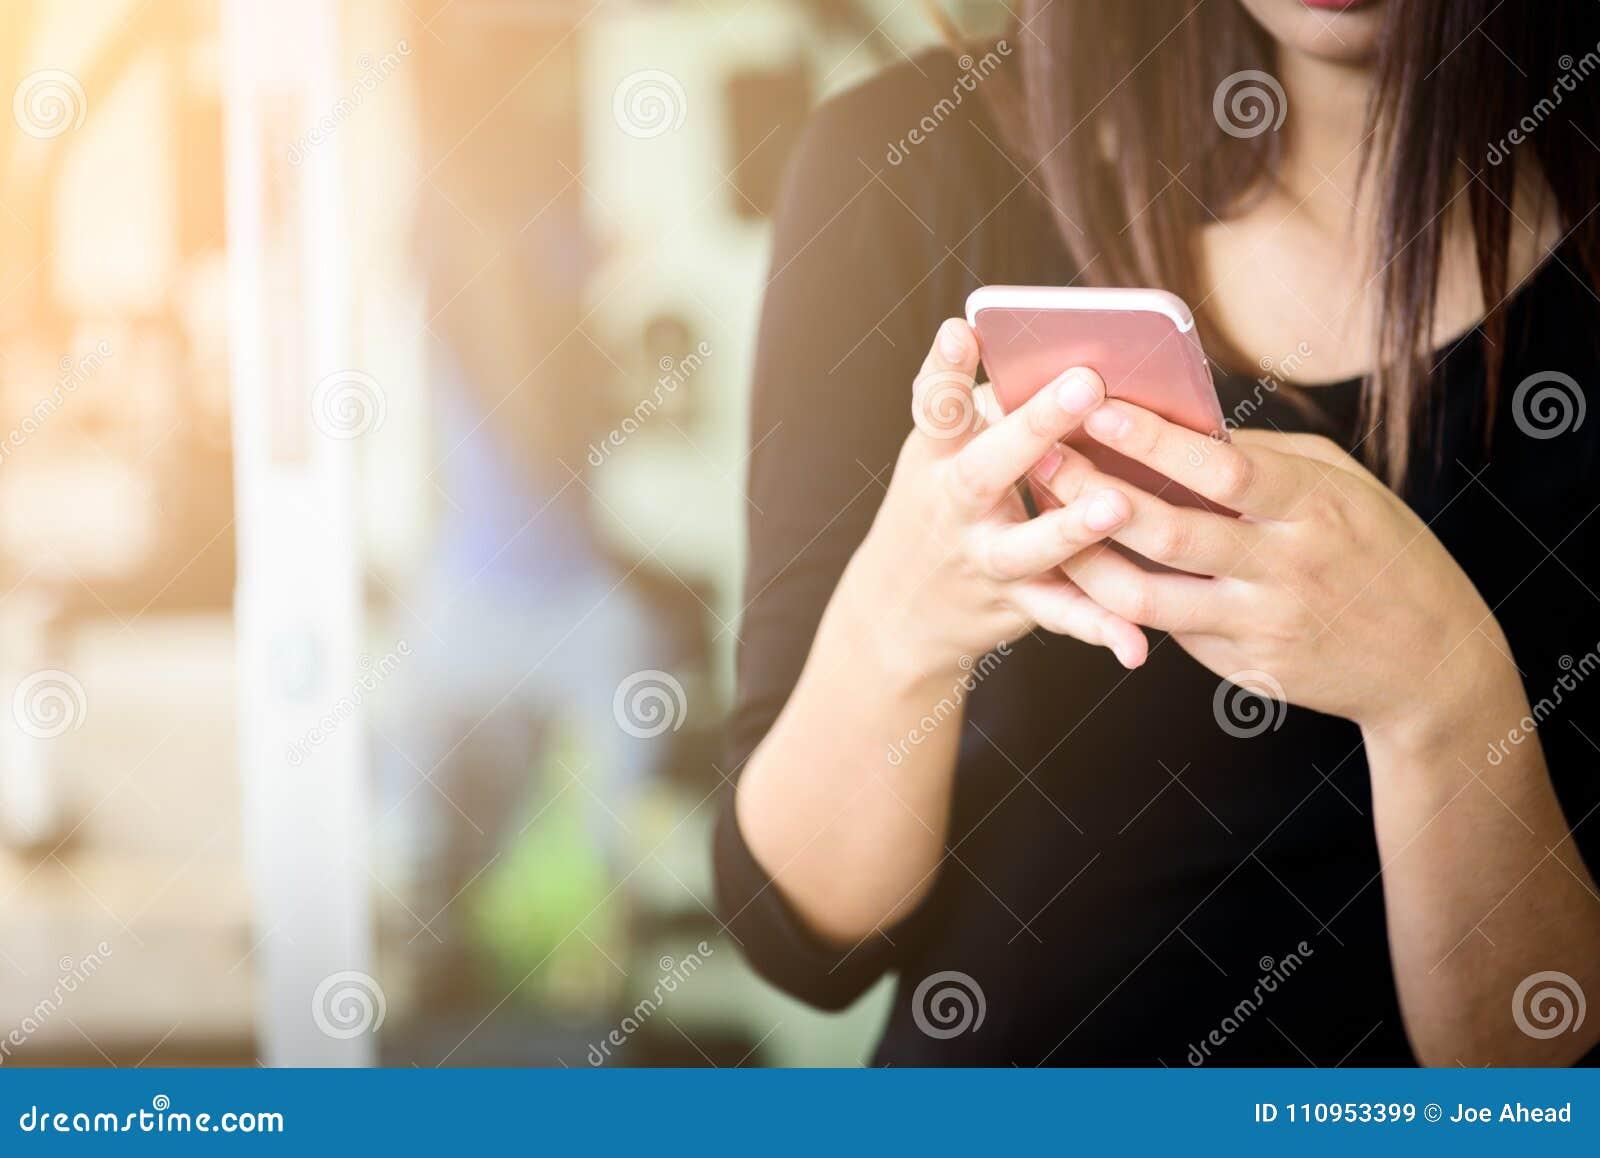 Μια επιχειρηματίας asain έχει τον έλεγχο του ηλεκτρονικού ταχυδρομείου στο κινητό τηλέφωνο για το wor